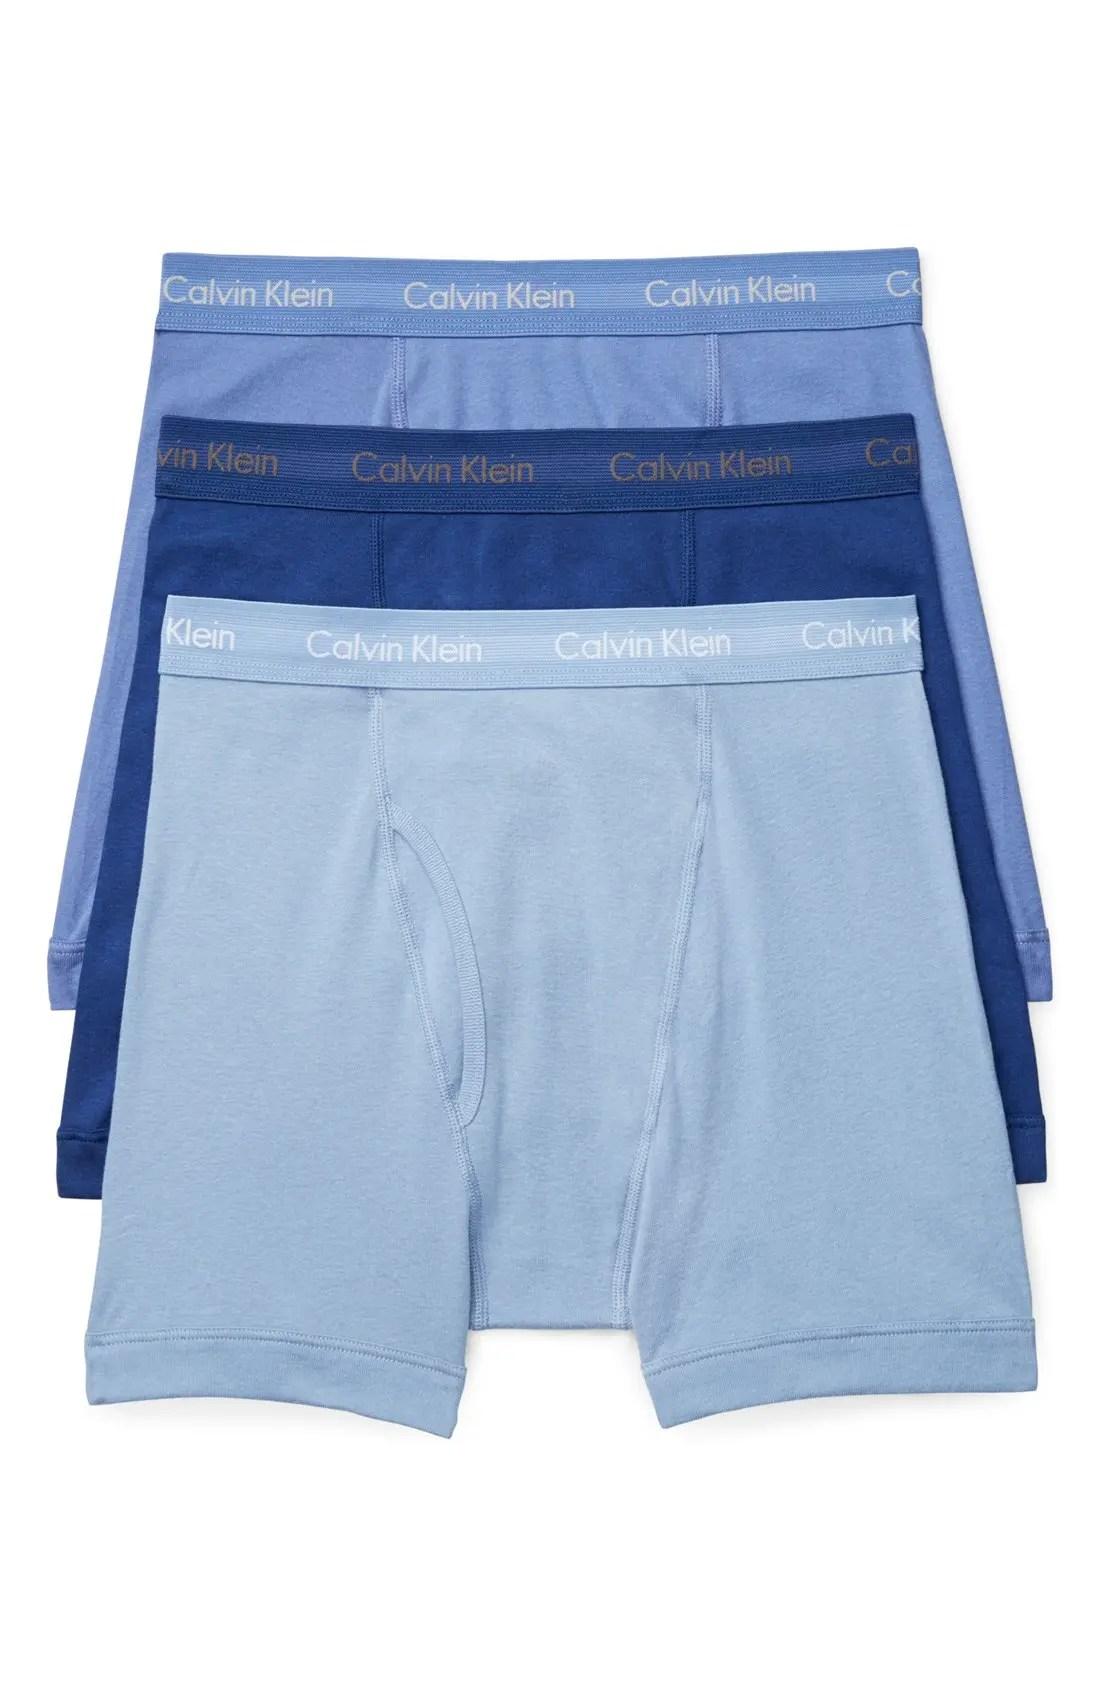 Calvin klein pack boxer briefs also men   nordstrom rh shoprdstrom